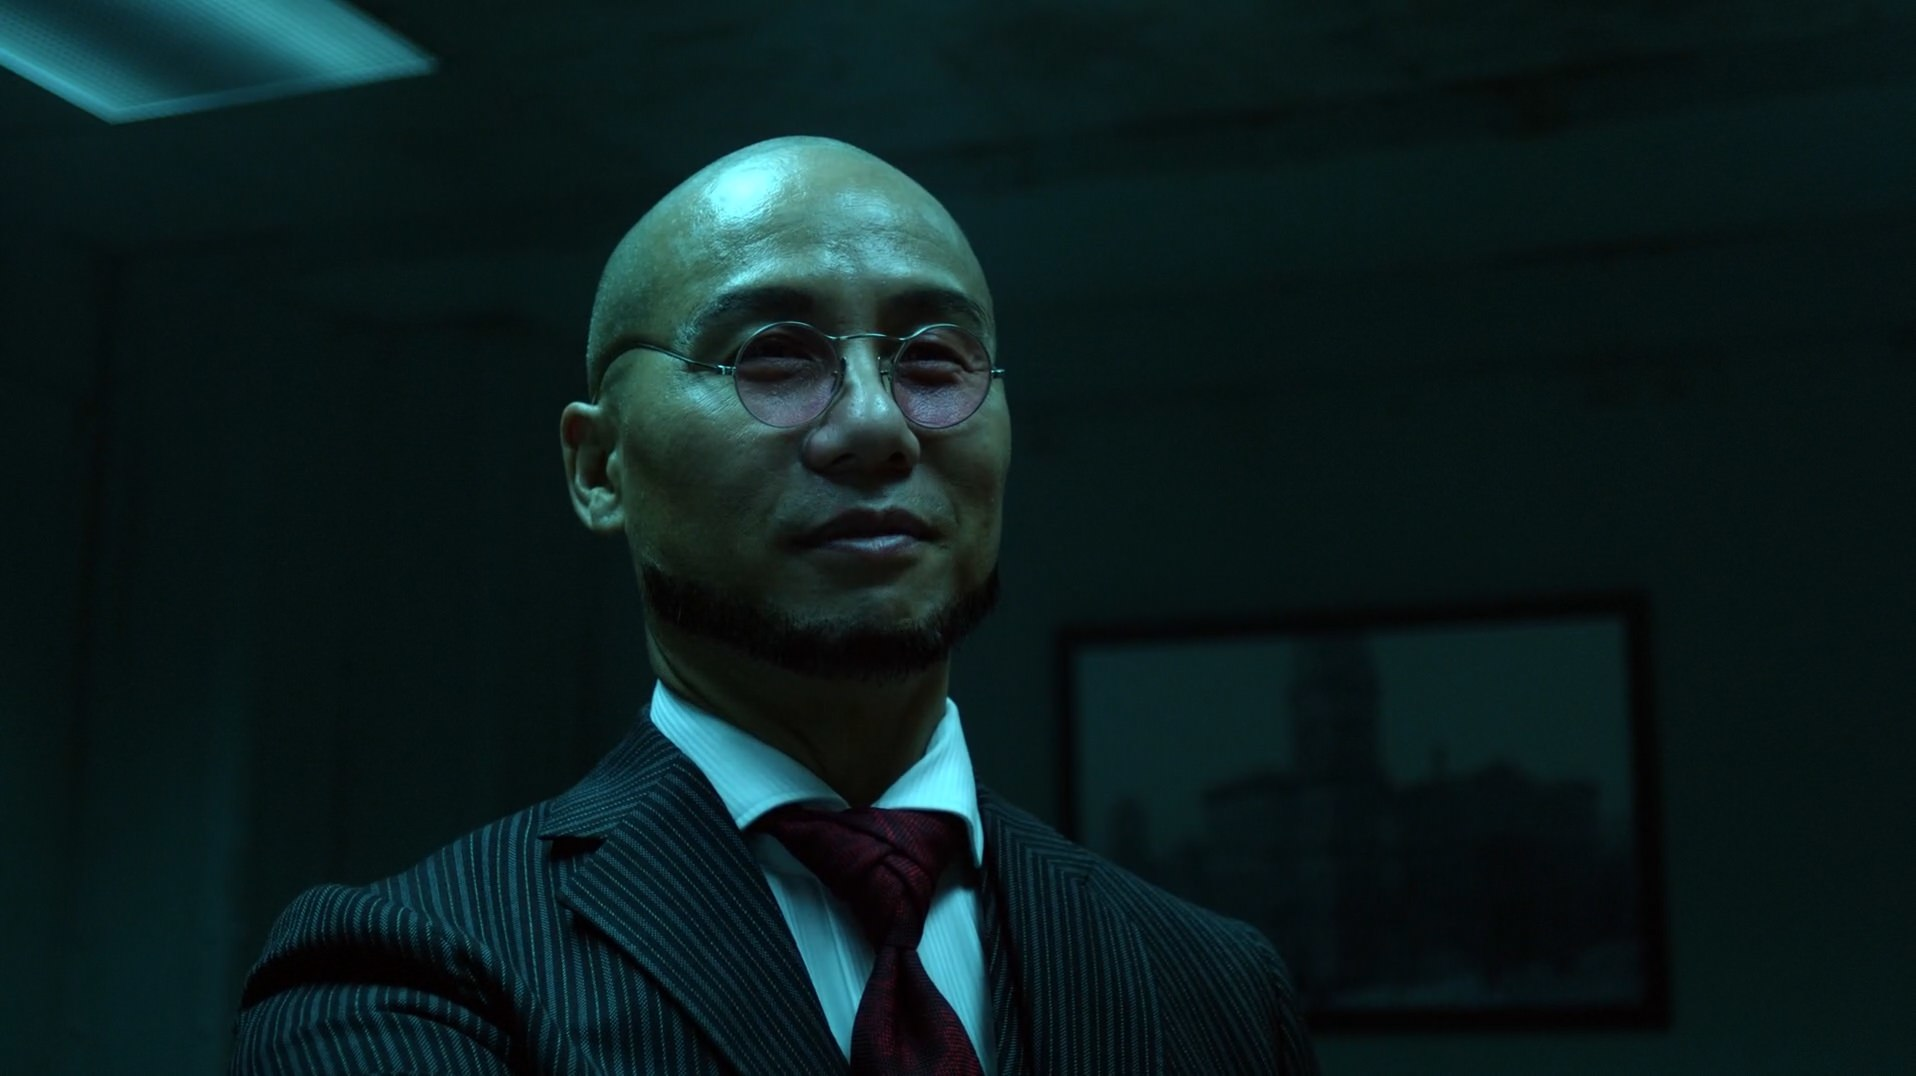 Hugo Strange | Gotham Wiki | FANDOM powered by Wikia